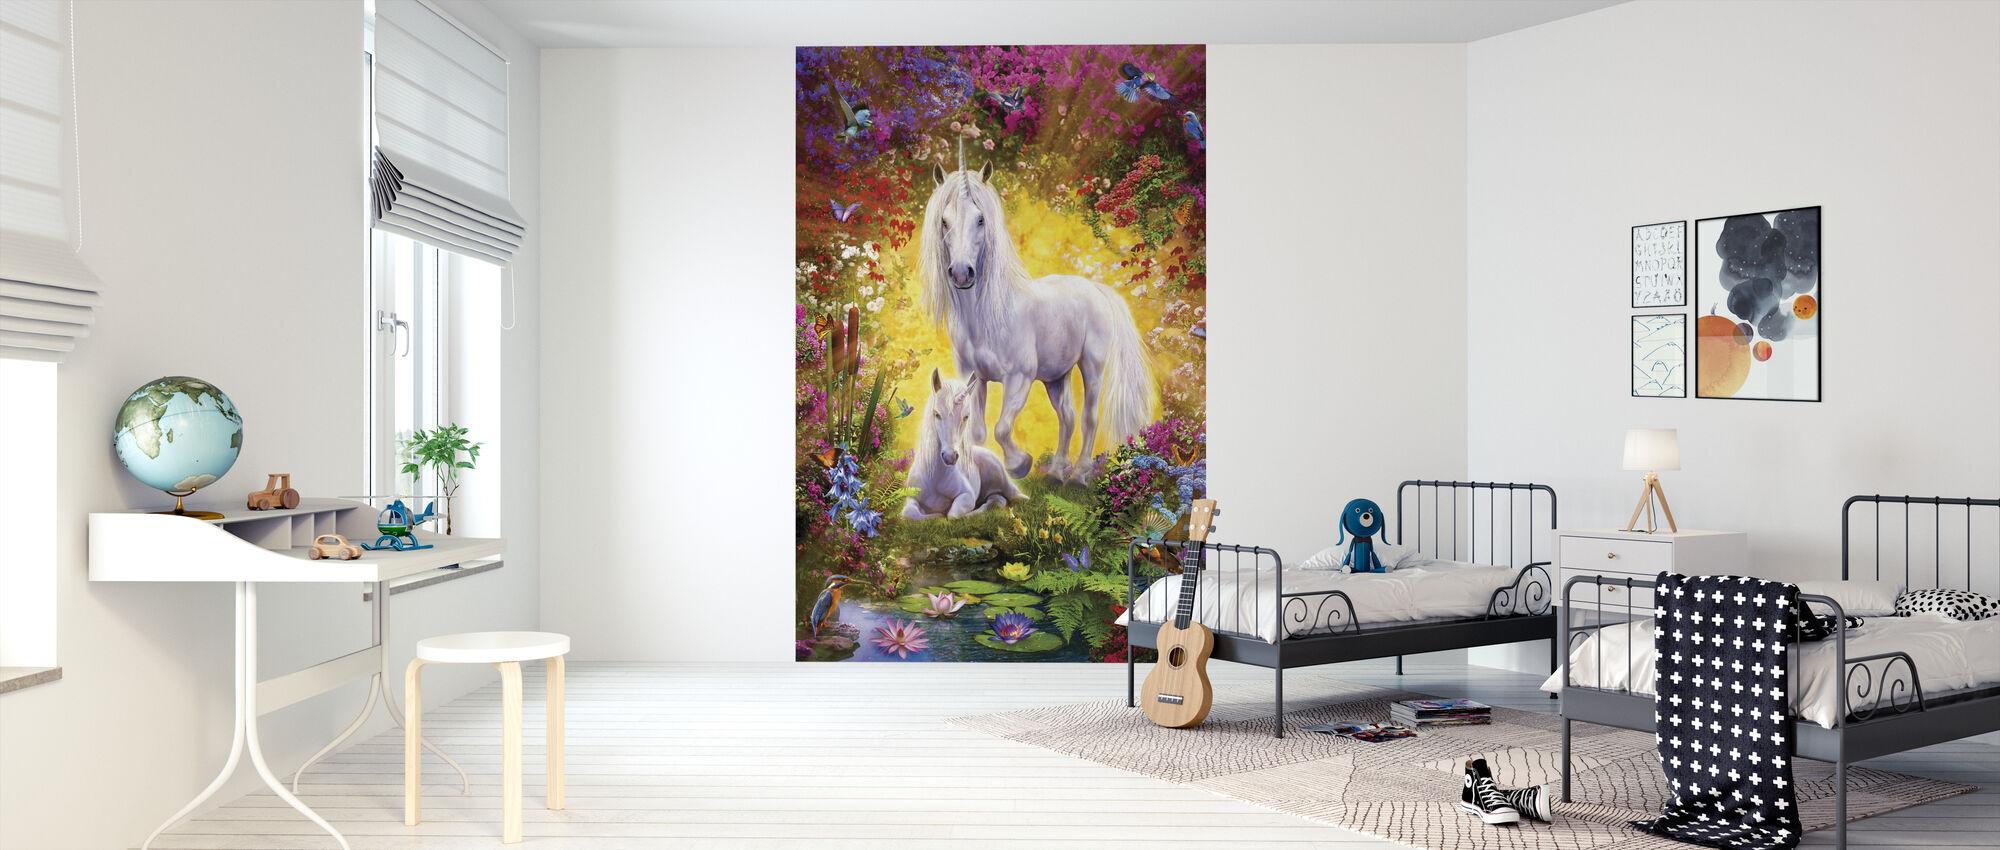 Eenhoorn en veulen met bloemen - Behang - Kinderkamer